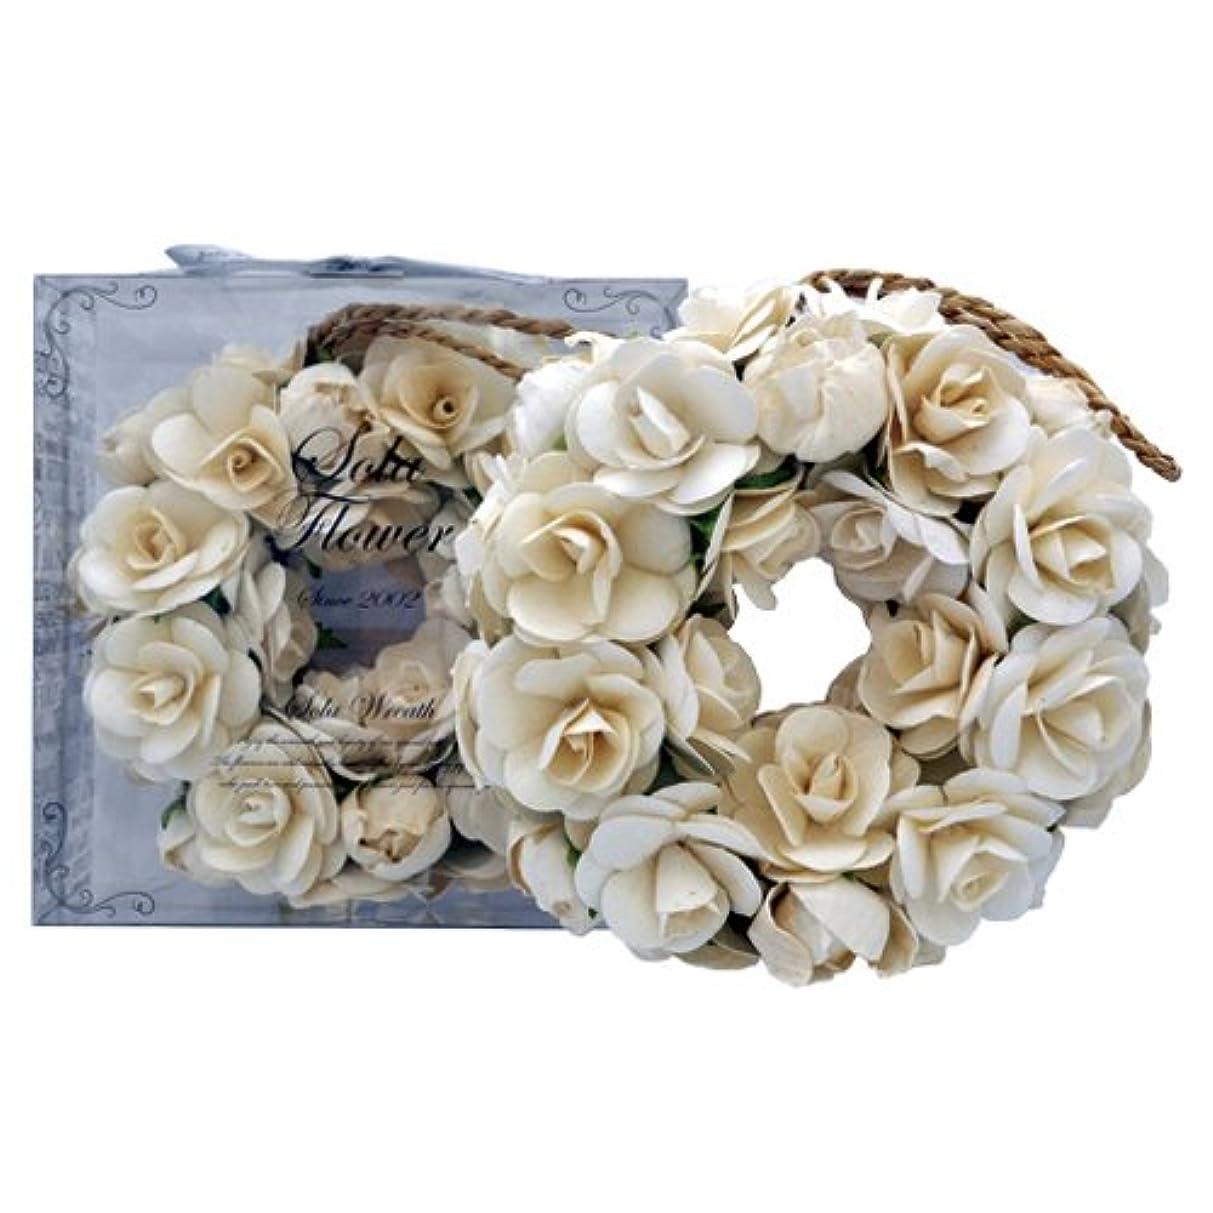 ほとんどない泣く親密なnew Sola Flower ソラフラワー リース Elegant Peony エレガントピオニー Wreath